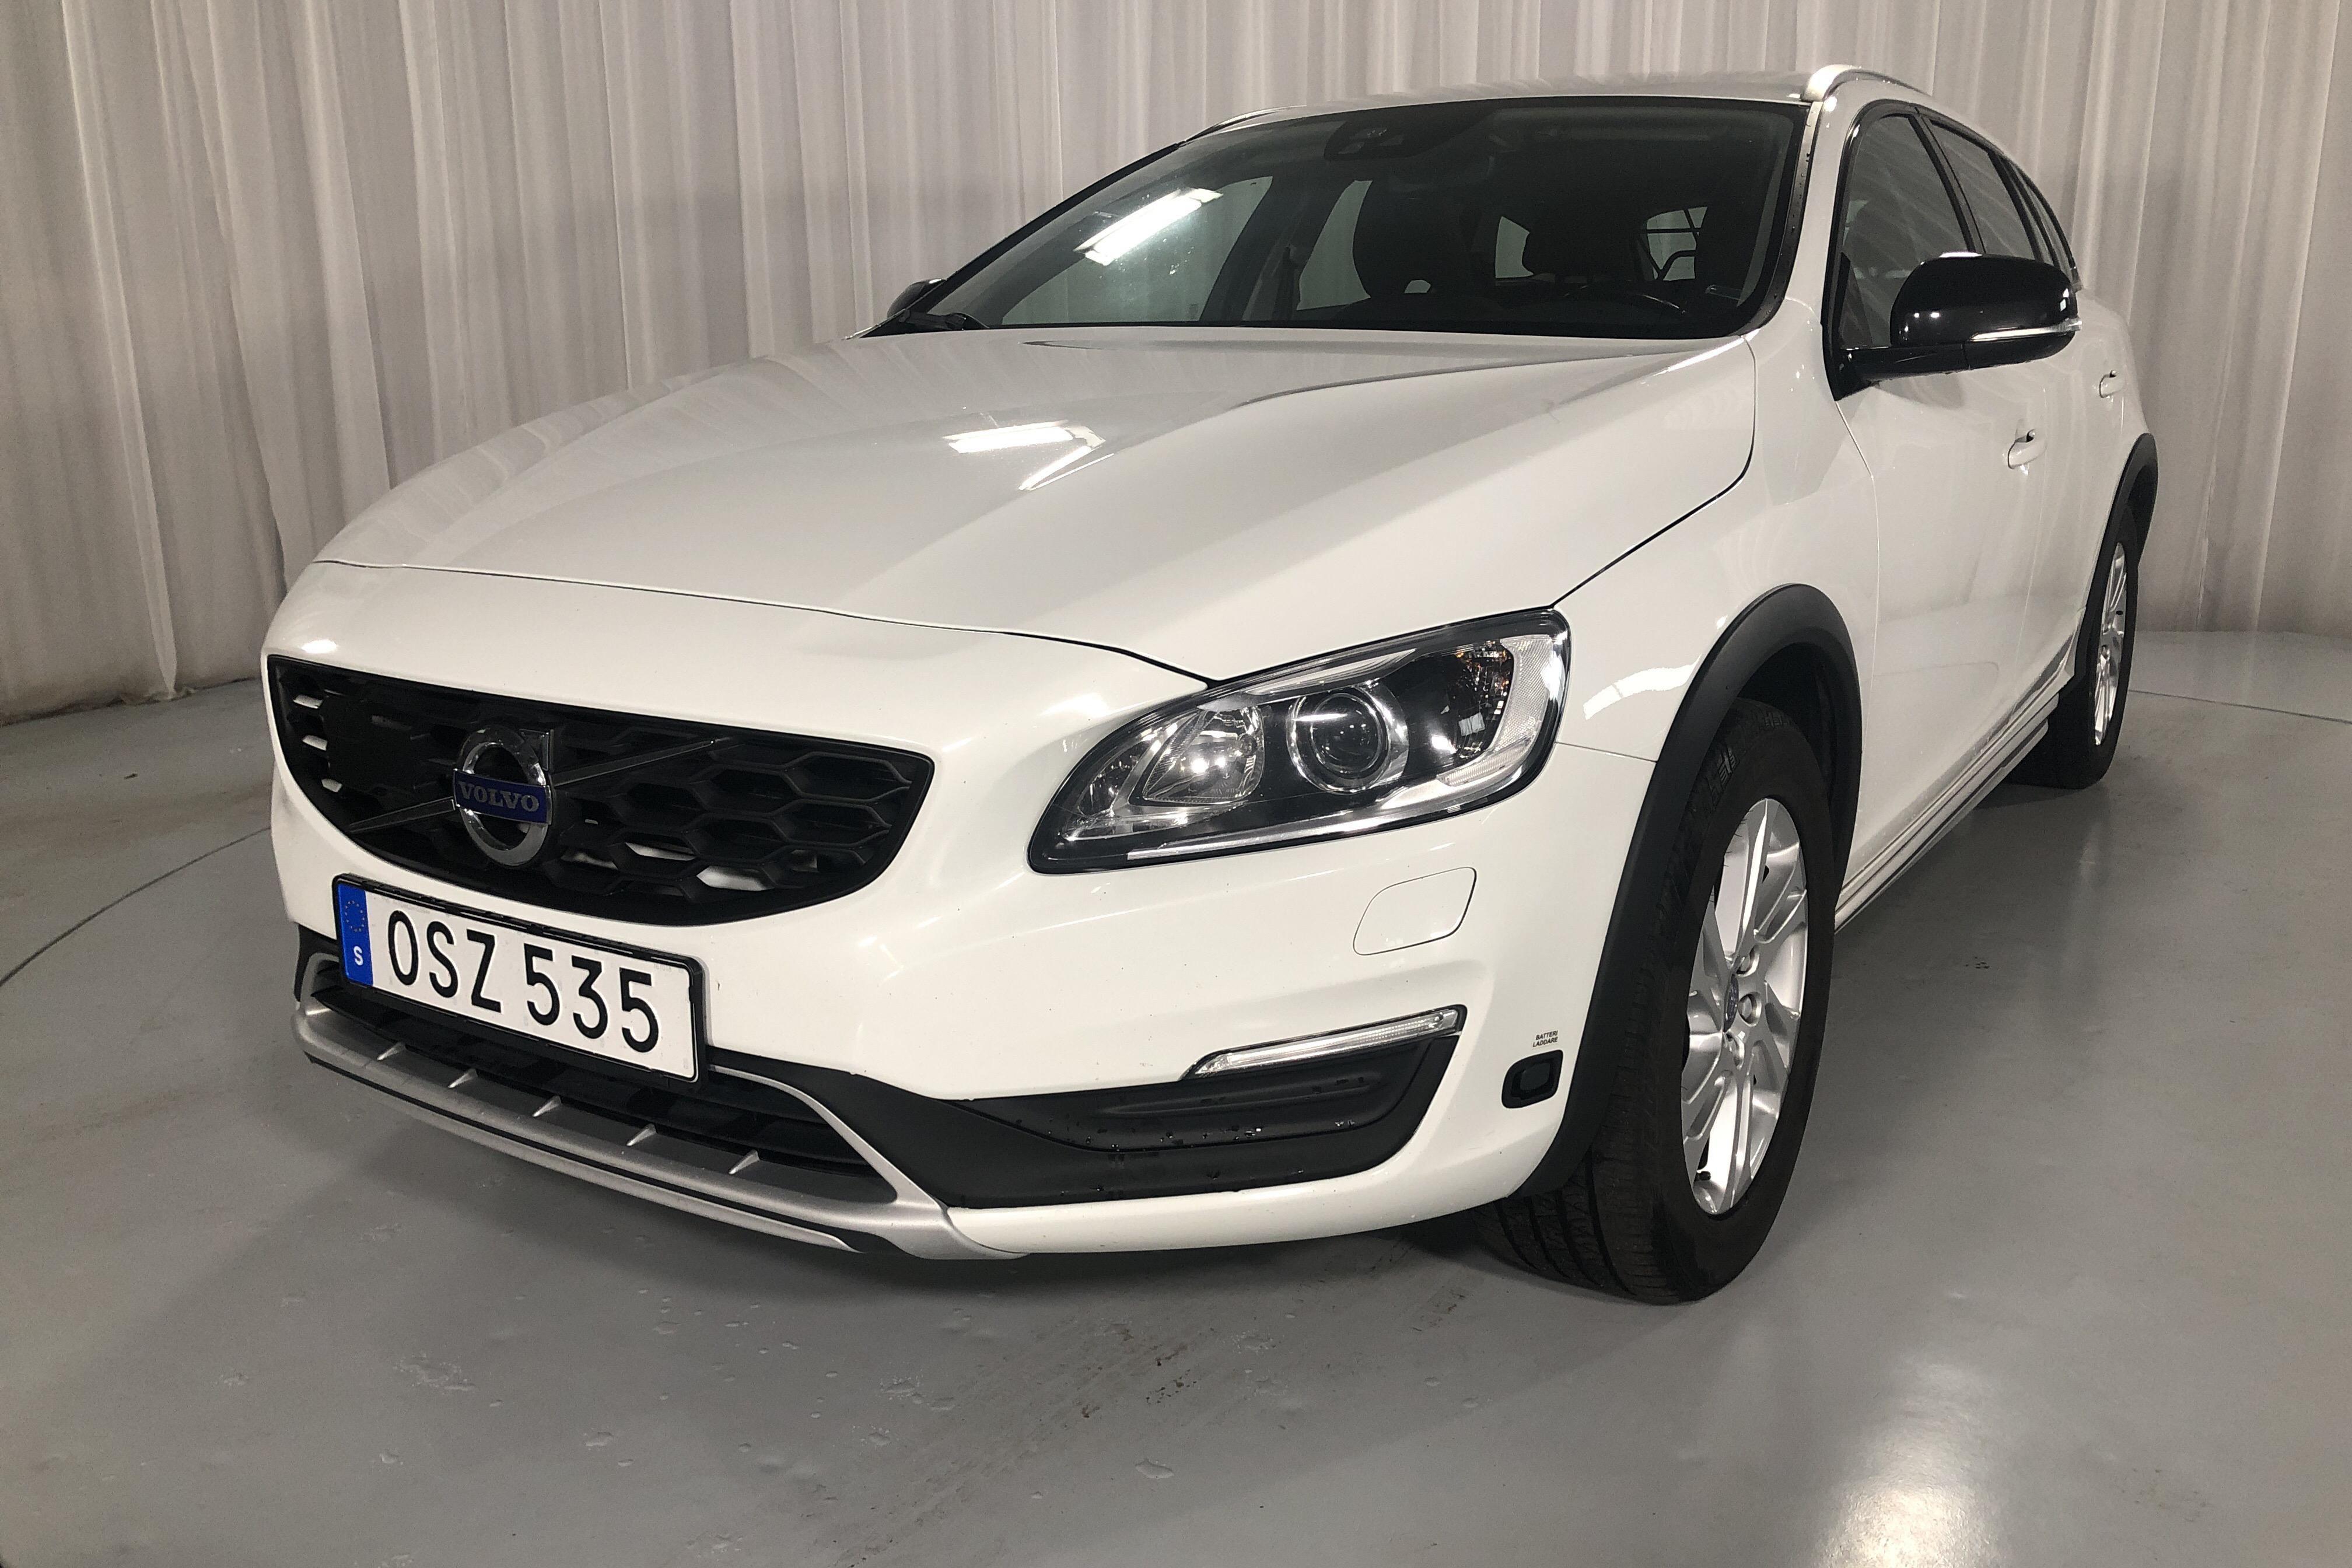 Volvo V60 D3 a campo traviesa (150Hk)